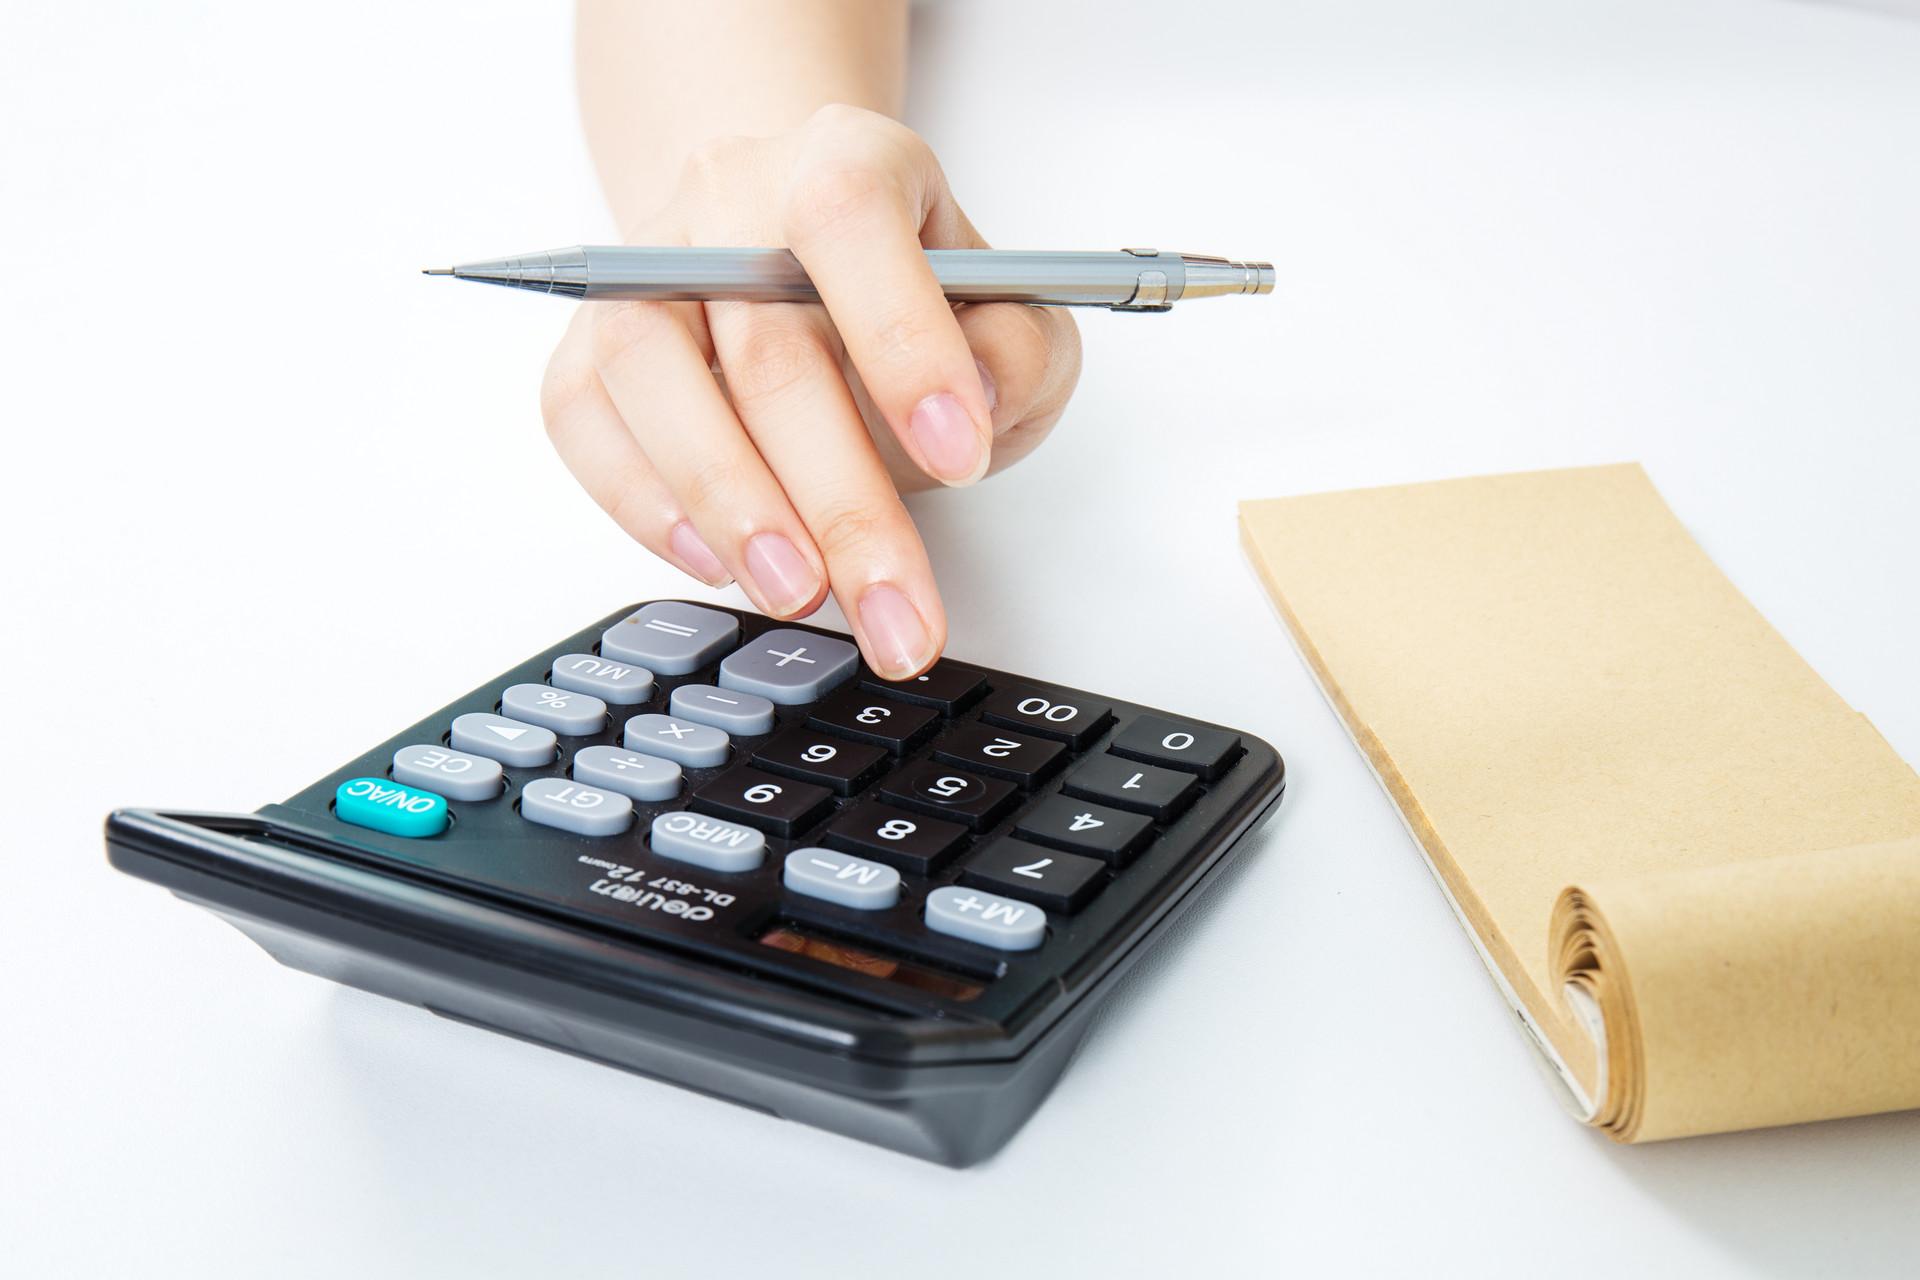 纸质工资条和电子工资条哪个好用,电子工资条